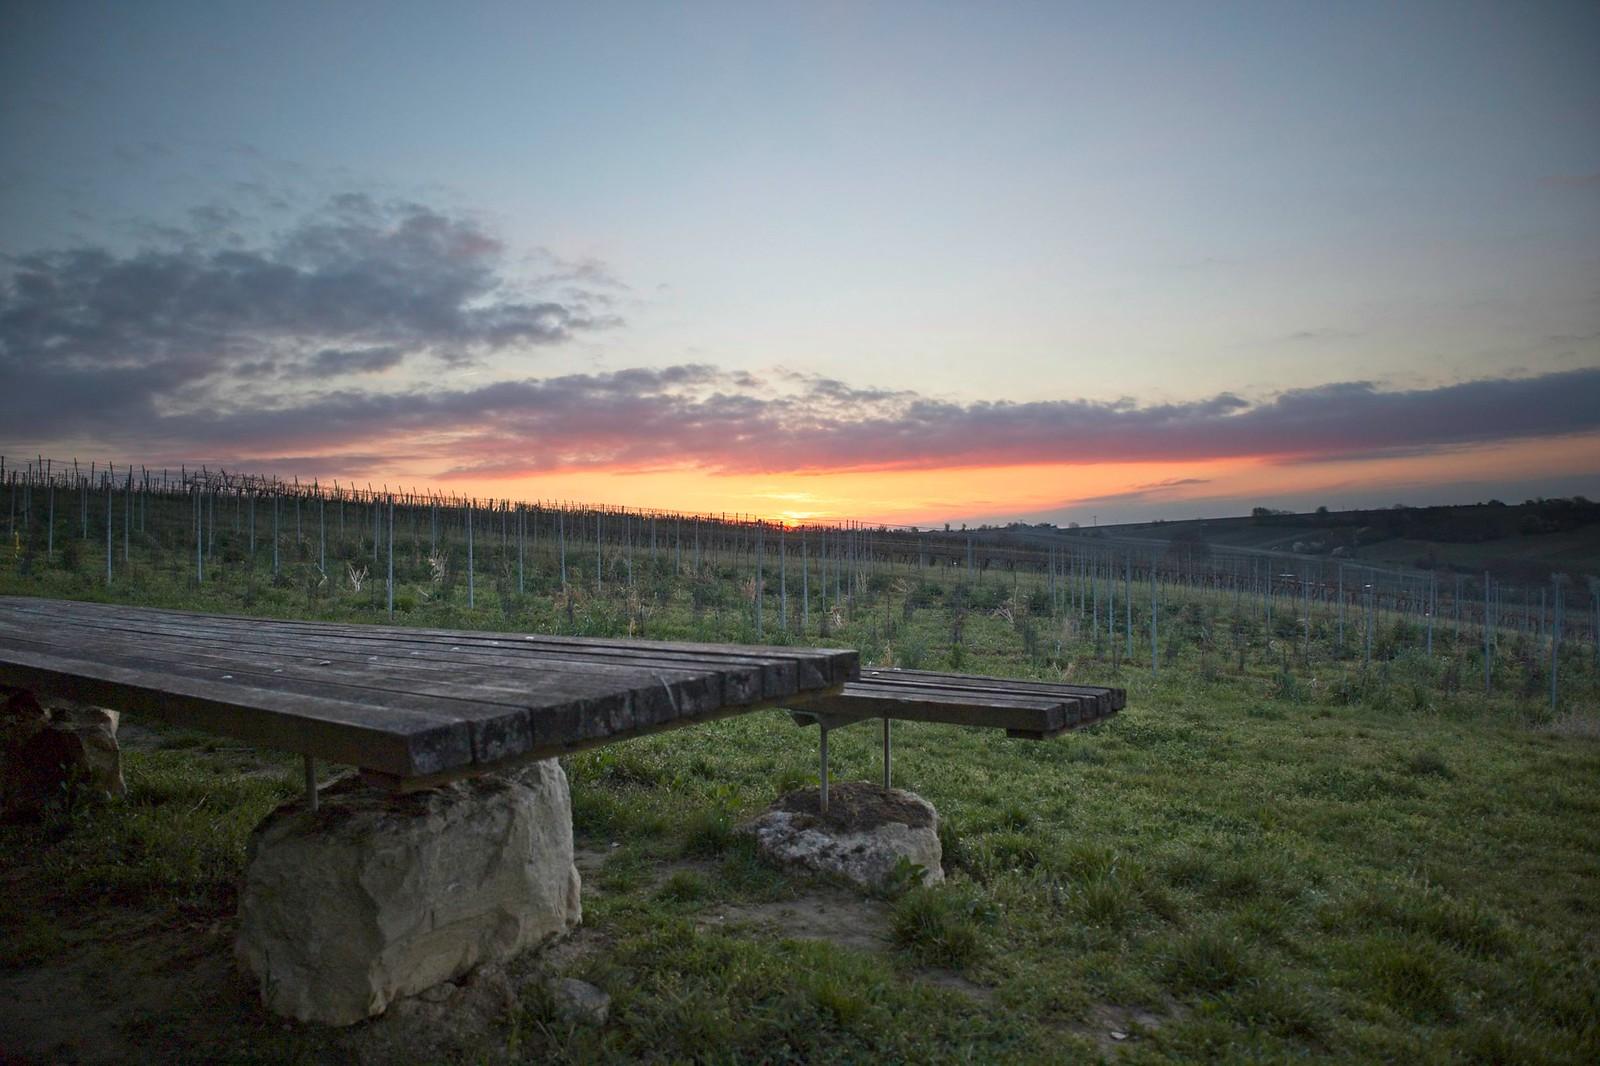 Sonnenaufgang am Tisch des Weines (unterhalb Windhäuser Hof)